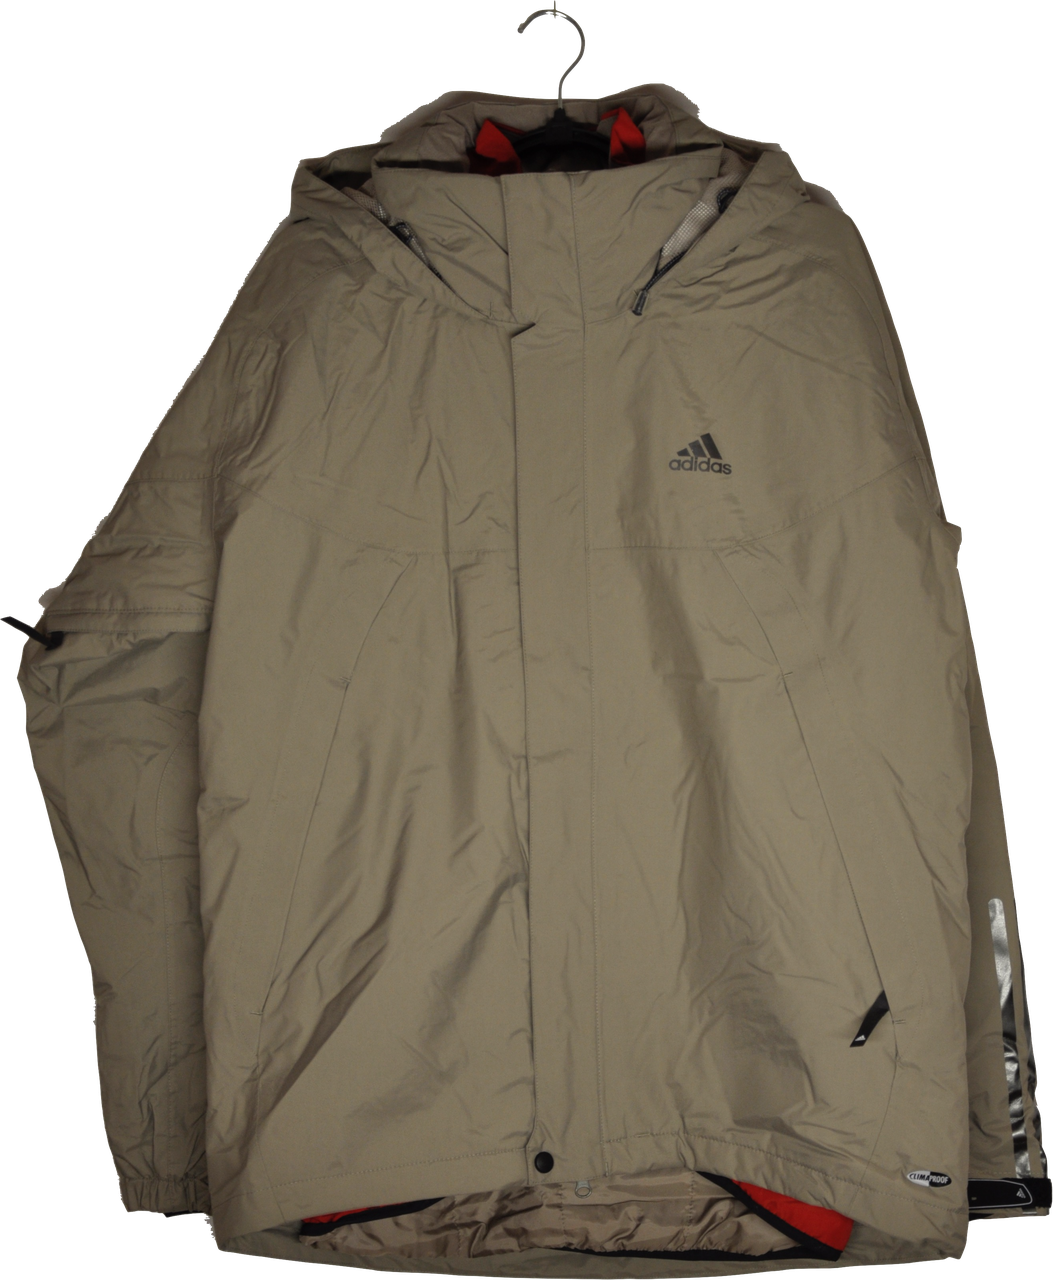 Мужская демисезонная куртка 3 в 1 Adidas ClimaProof.